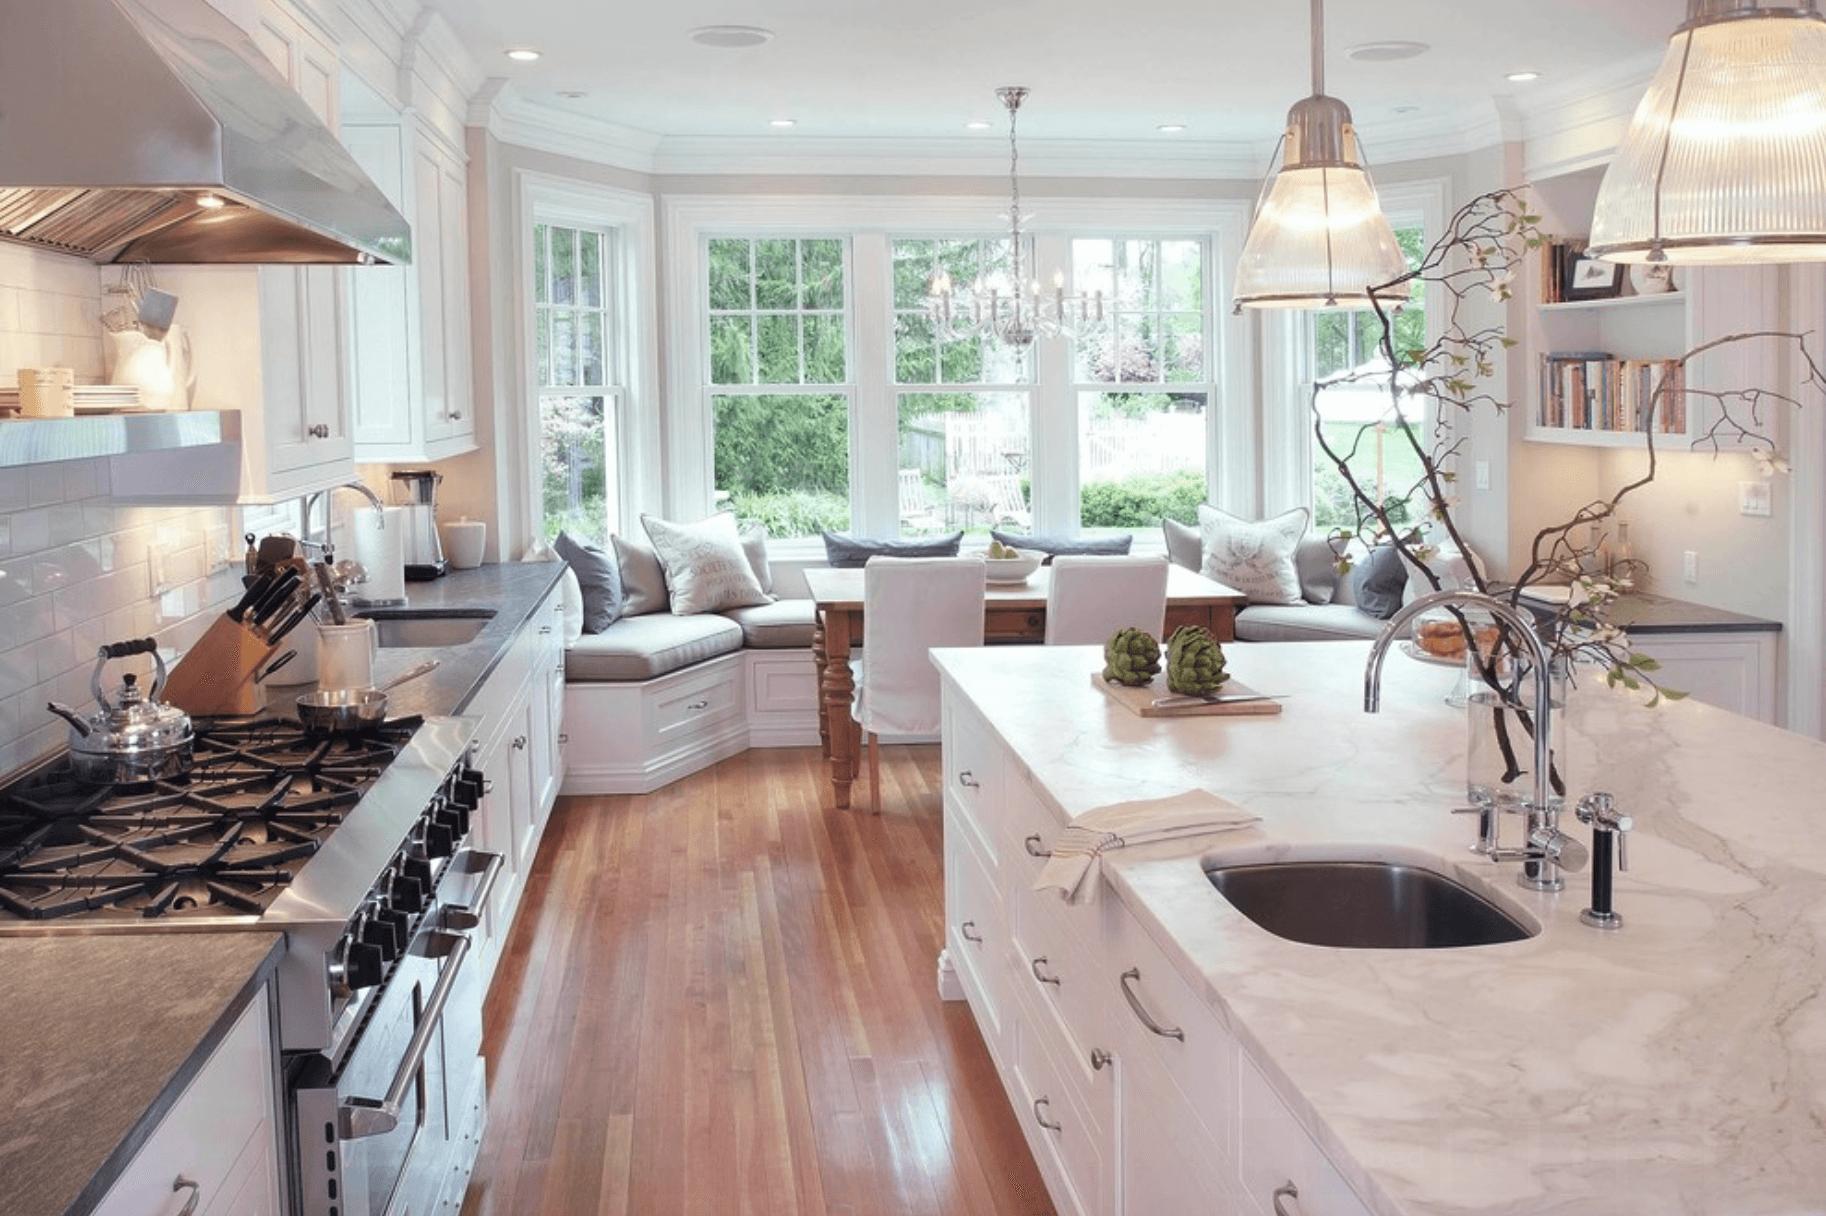 Дизайн кухни с эркером: особенности оформления, 20+ фото примеров с описанием